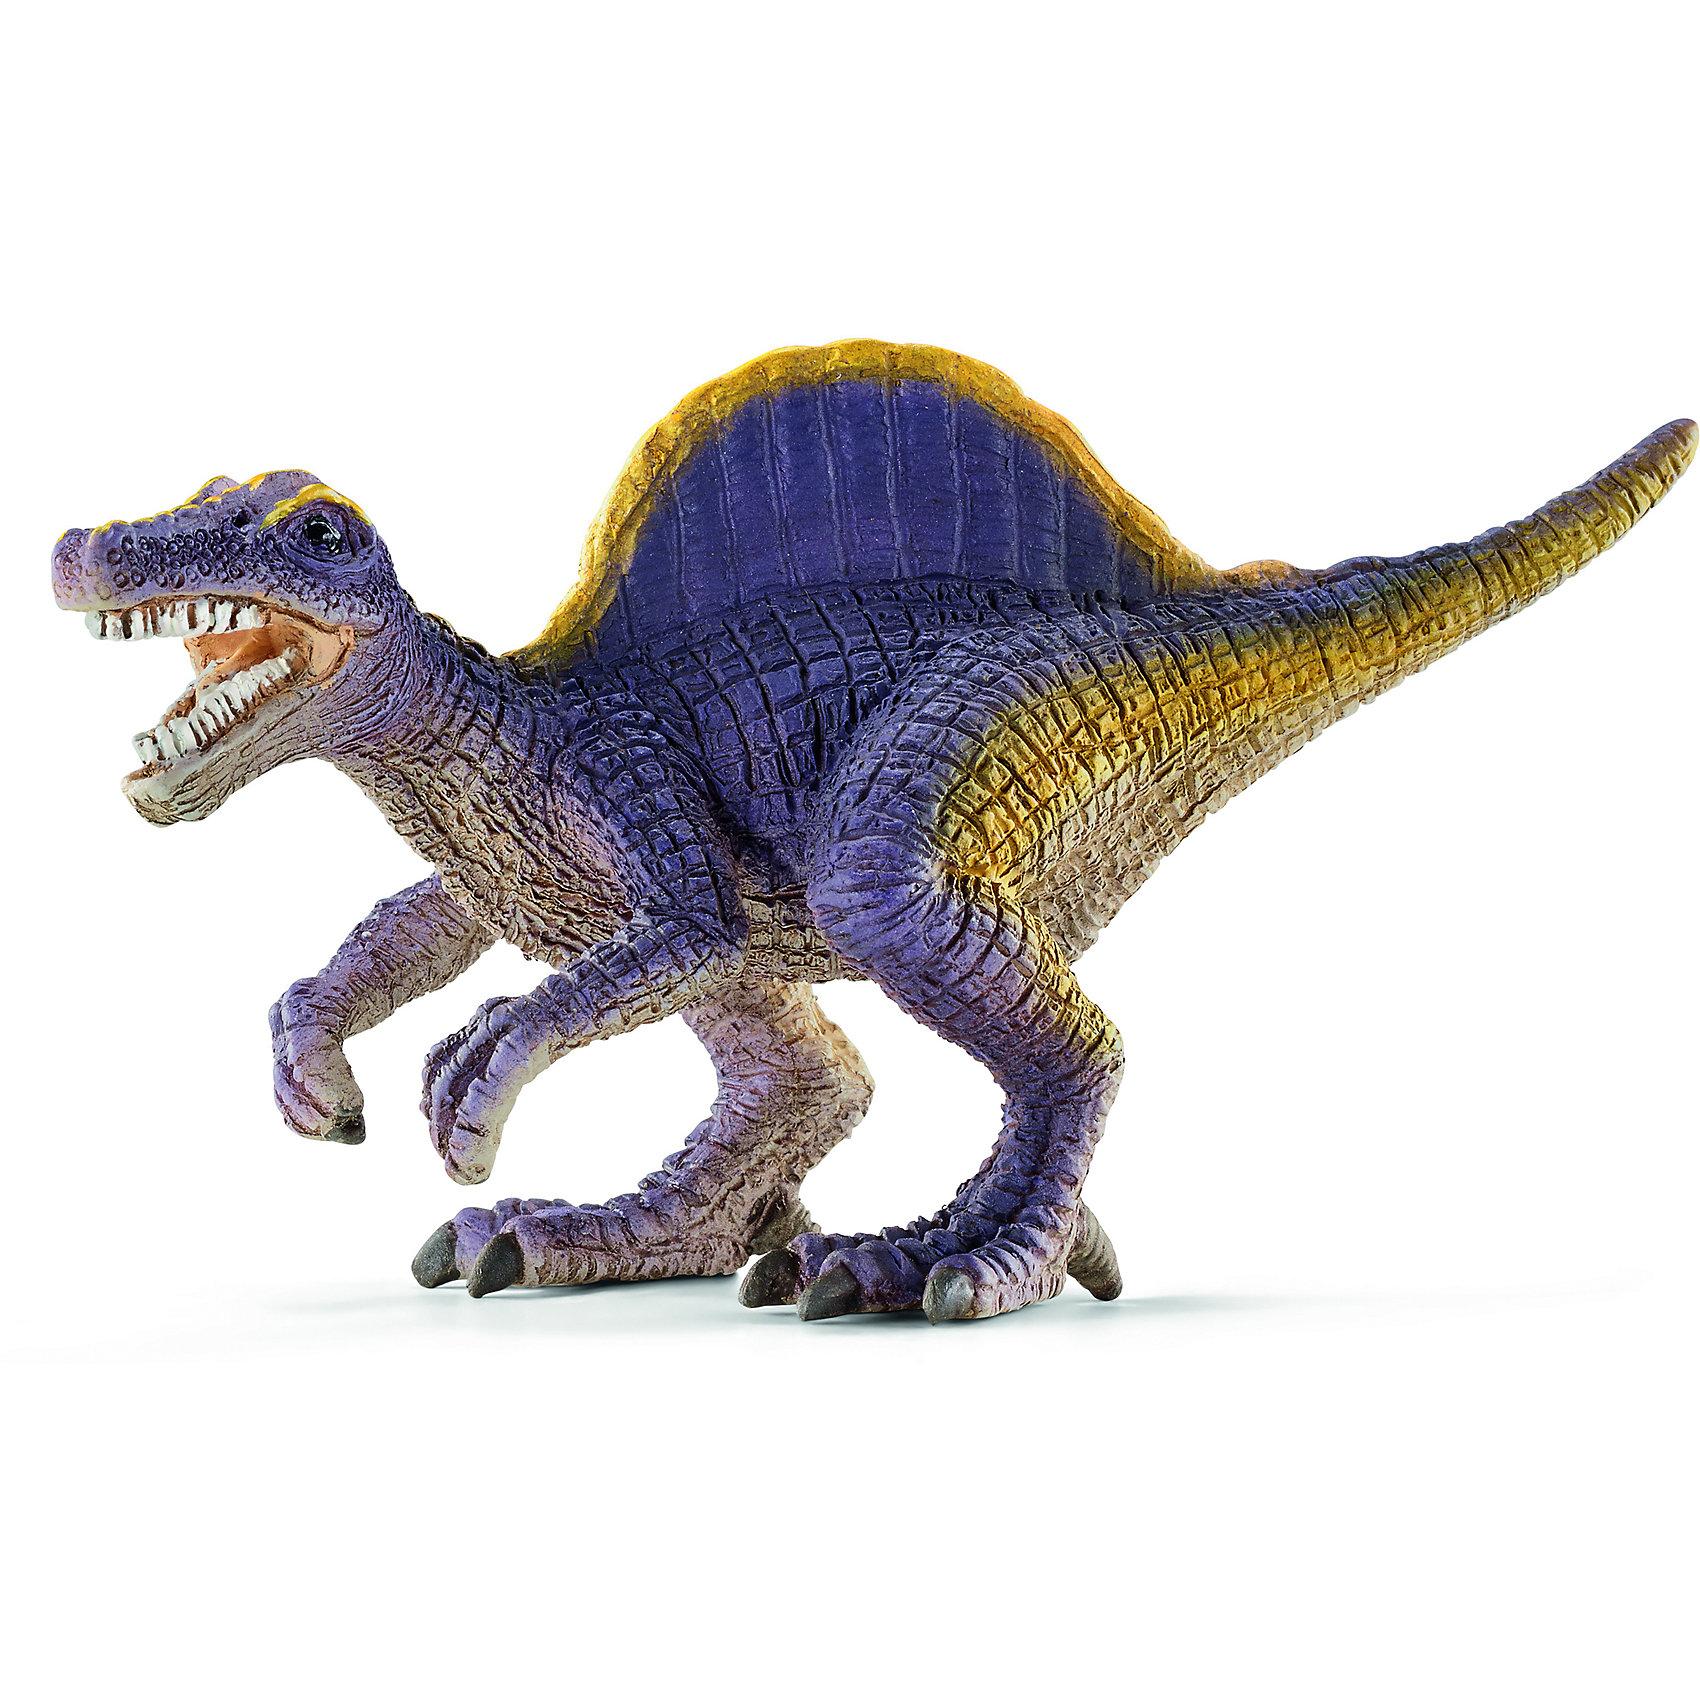 Спинозавр, мини, SchleichДревнее животное Спинозавр, проживающее на земле много миллионов лет назад, представлен немецкой компанией Schleich (Шляйх) в виде фигурки динозавра фиолетового цвета, идущего на двух задних лапах. <br><br>Спинозавр обладал головой, похожей на голову крокодила. Эти динозавры питались рыбой и падалью. Игрушка выполнена в светло-фиолетовой гамме, с желтым декором.<br><br>Игрушка динозавра выполнена из качественного каучукового пластика, который безопасен для детей и не вызывает аллергию.<br><br>Прекрасно выполненные фигурки Шляйх отличаются высочайшим качеством игрушек ручной работы. Все они создаются при постоянном сотрудничестве с Берлинским зоопарком, а потому, являются максимально точной копией настоящих животных. Каждая фигурка разработана с учетом исследований в области педагогики и производится как настоящее произведение для маленьких детских ручек. <br><br>Спинозавр станет достойным пополнением красочной коллекции игрушек Шляйх, которые восхищают детей и взрослых во всем мире.<br><br>Дополнительная информация:<br><br>Материал: каучуковый пластик<br>Размеры: 7,8 x 3,6 x 4,3 см<br><br>Спинозавра, мини, Schleich (Шляйх) можно купить в нашем магазине.<br><br>Ширина мм: 56<br>Глубина мм: 32<br>Высота мм: 31<br>Вес г: 15<br>Возраст от месяцев: 36<br>Возраст до месяцев: 96<br>Пол: Мужской<br>Возраст: Детский<br>SKU: 3902521